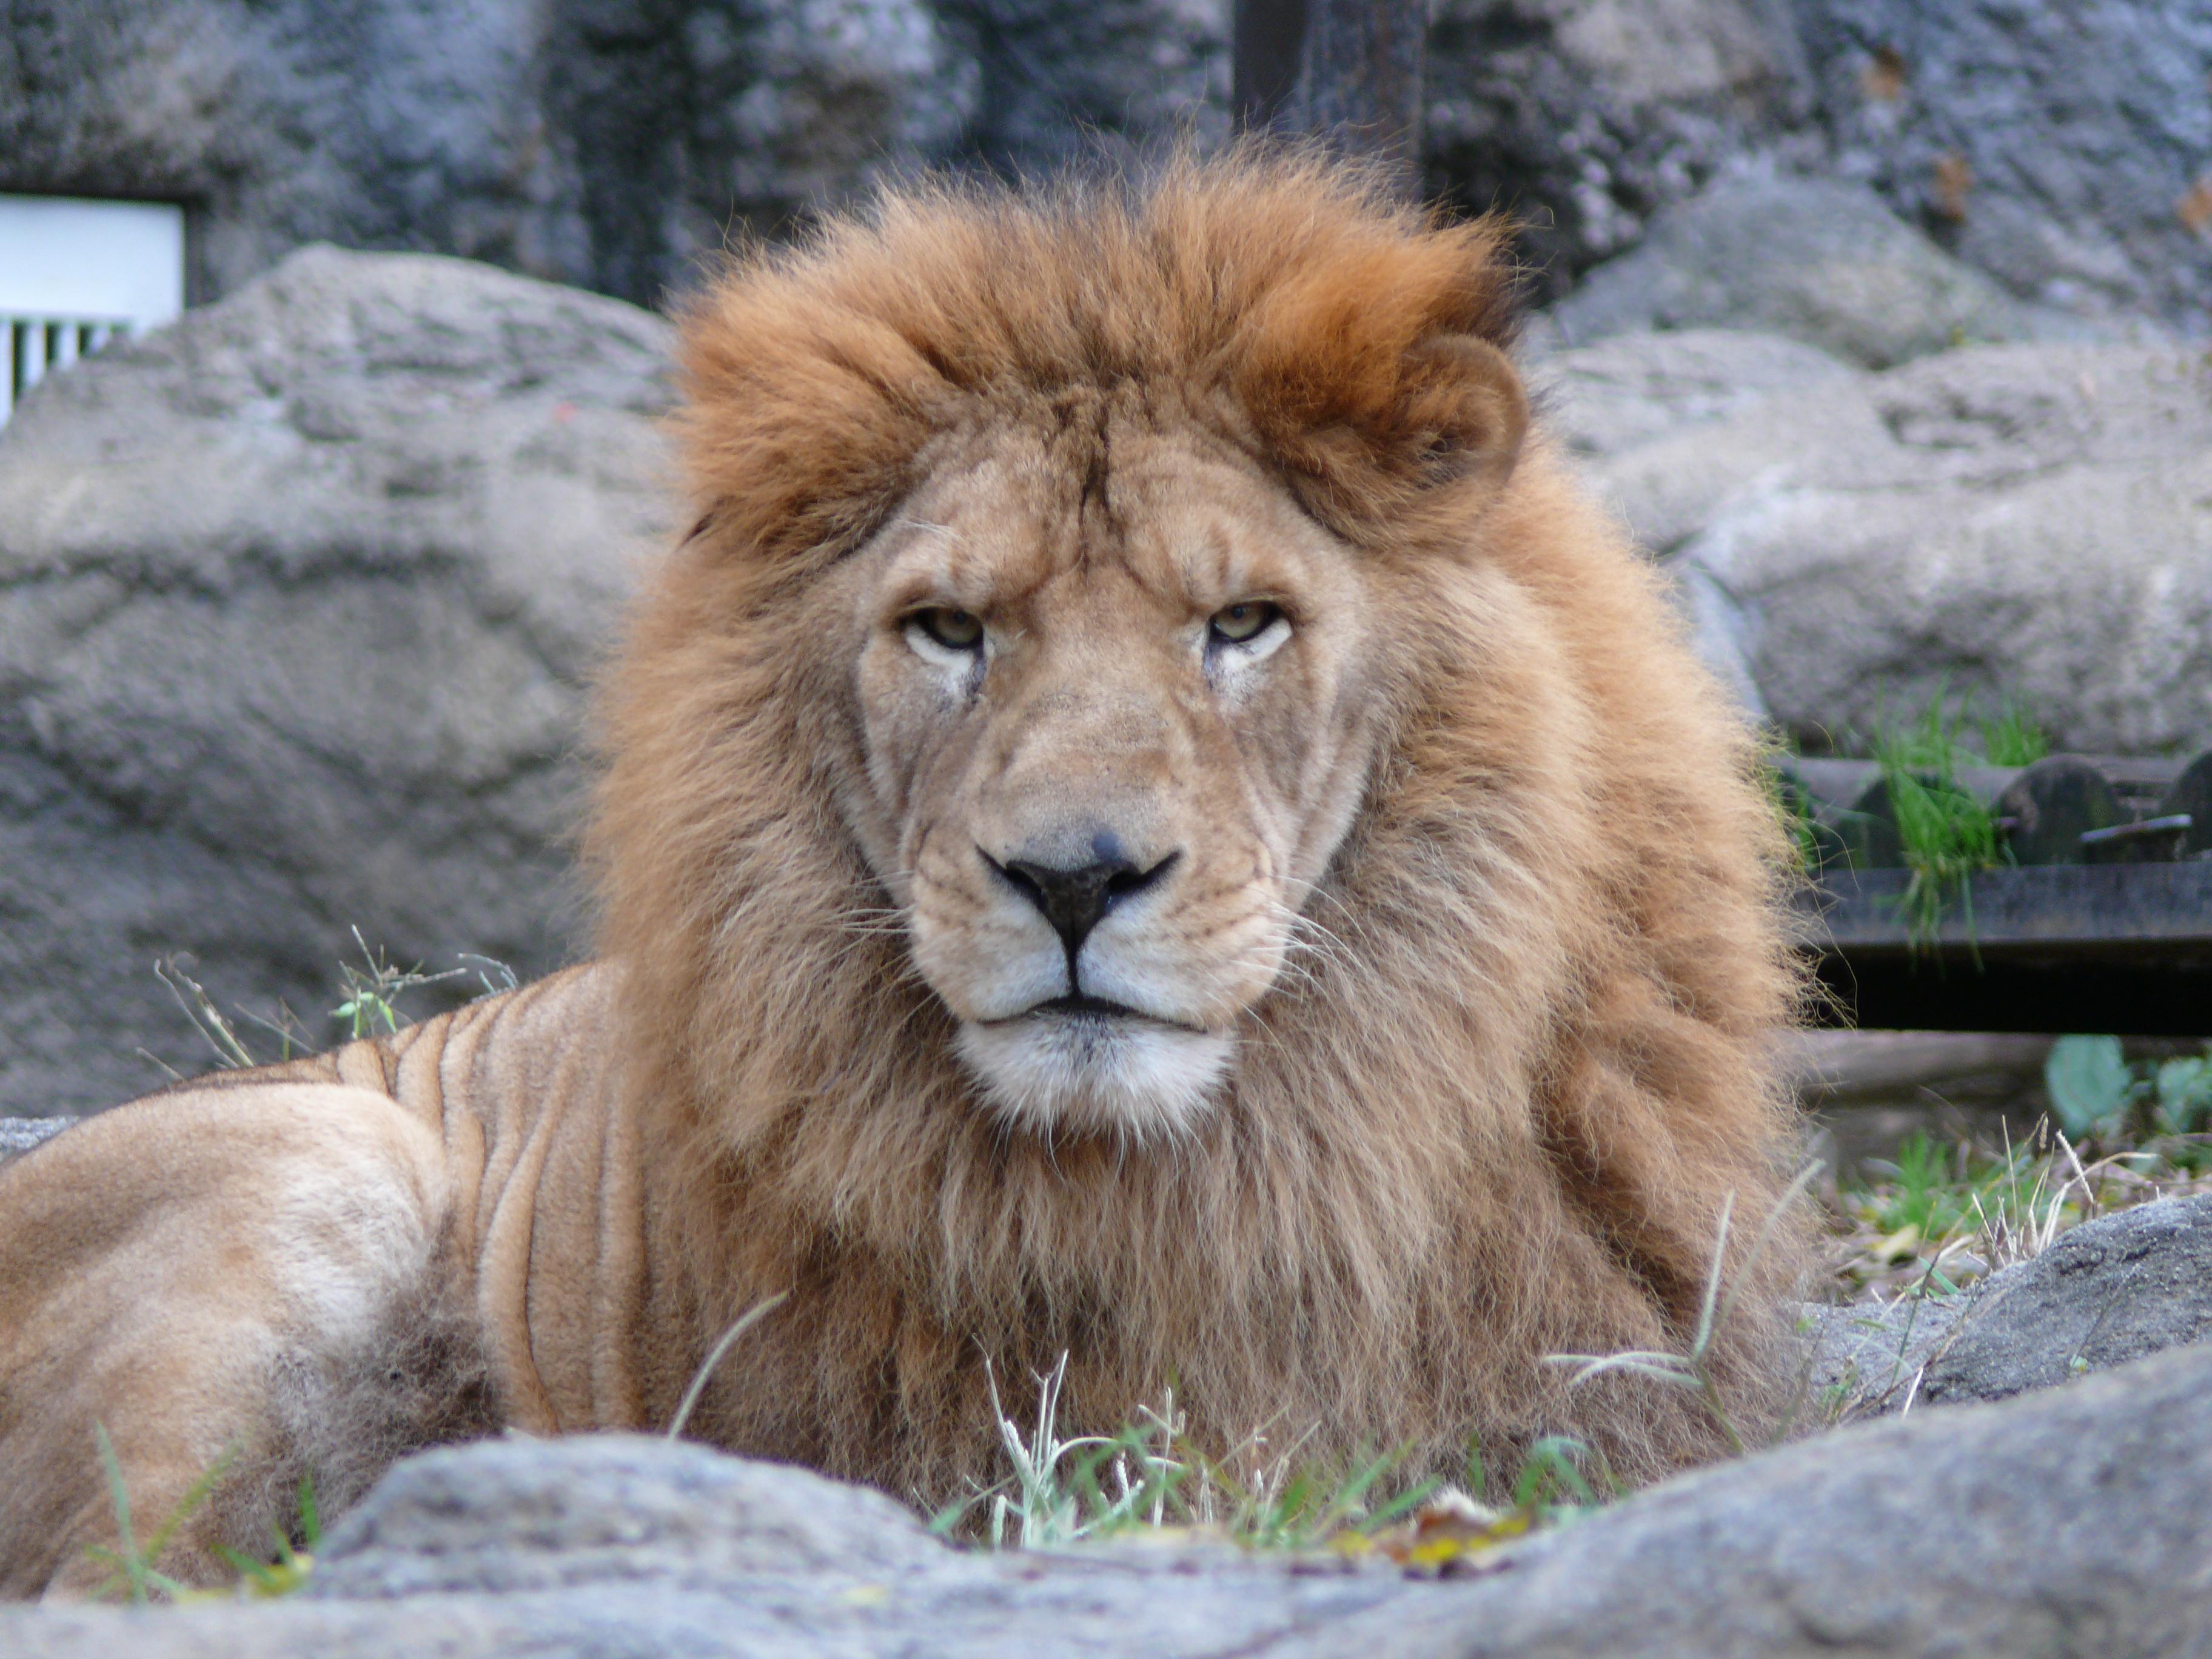 ライオンのなみ次郎(♂)が死亡しました。